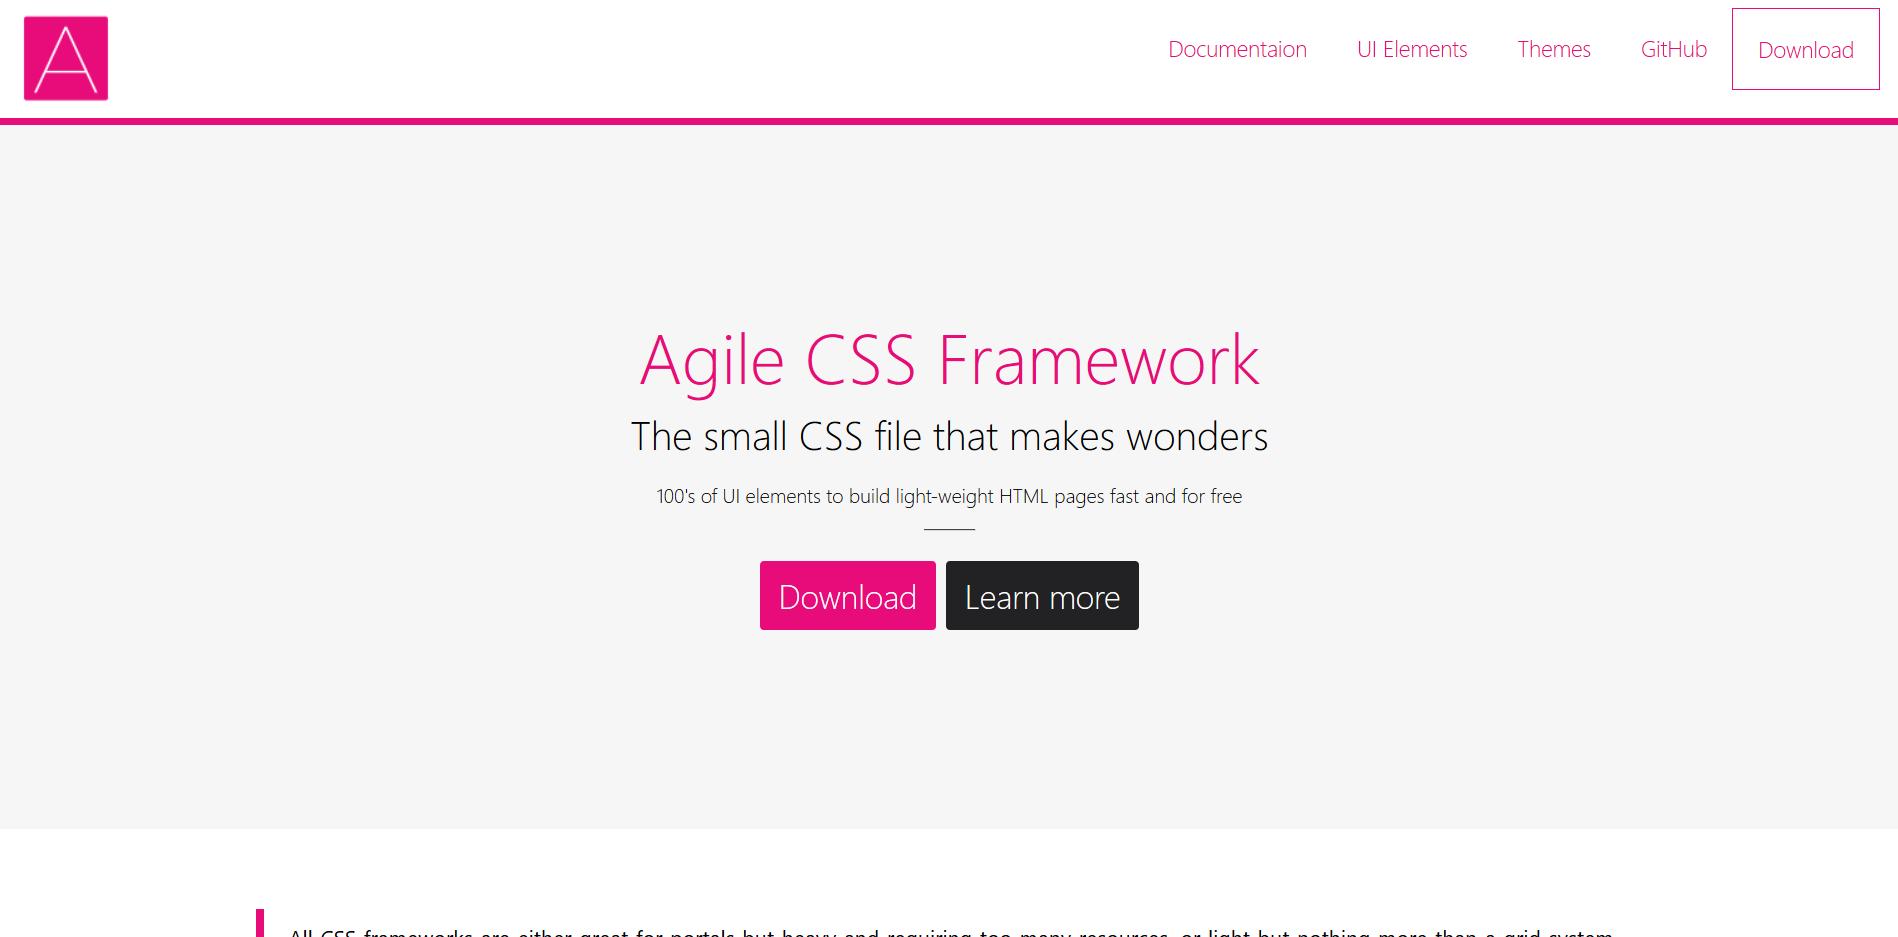 Agile CSS Framework